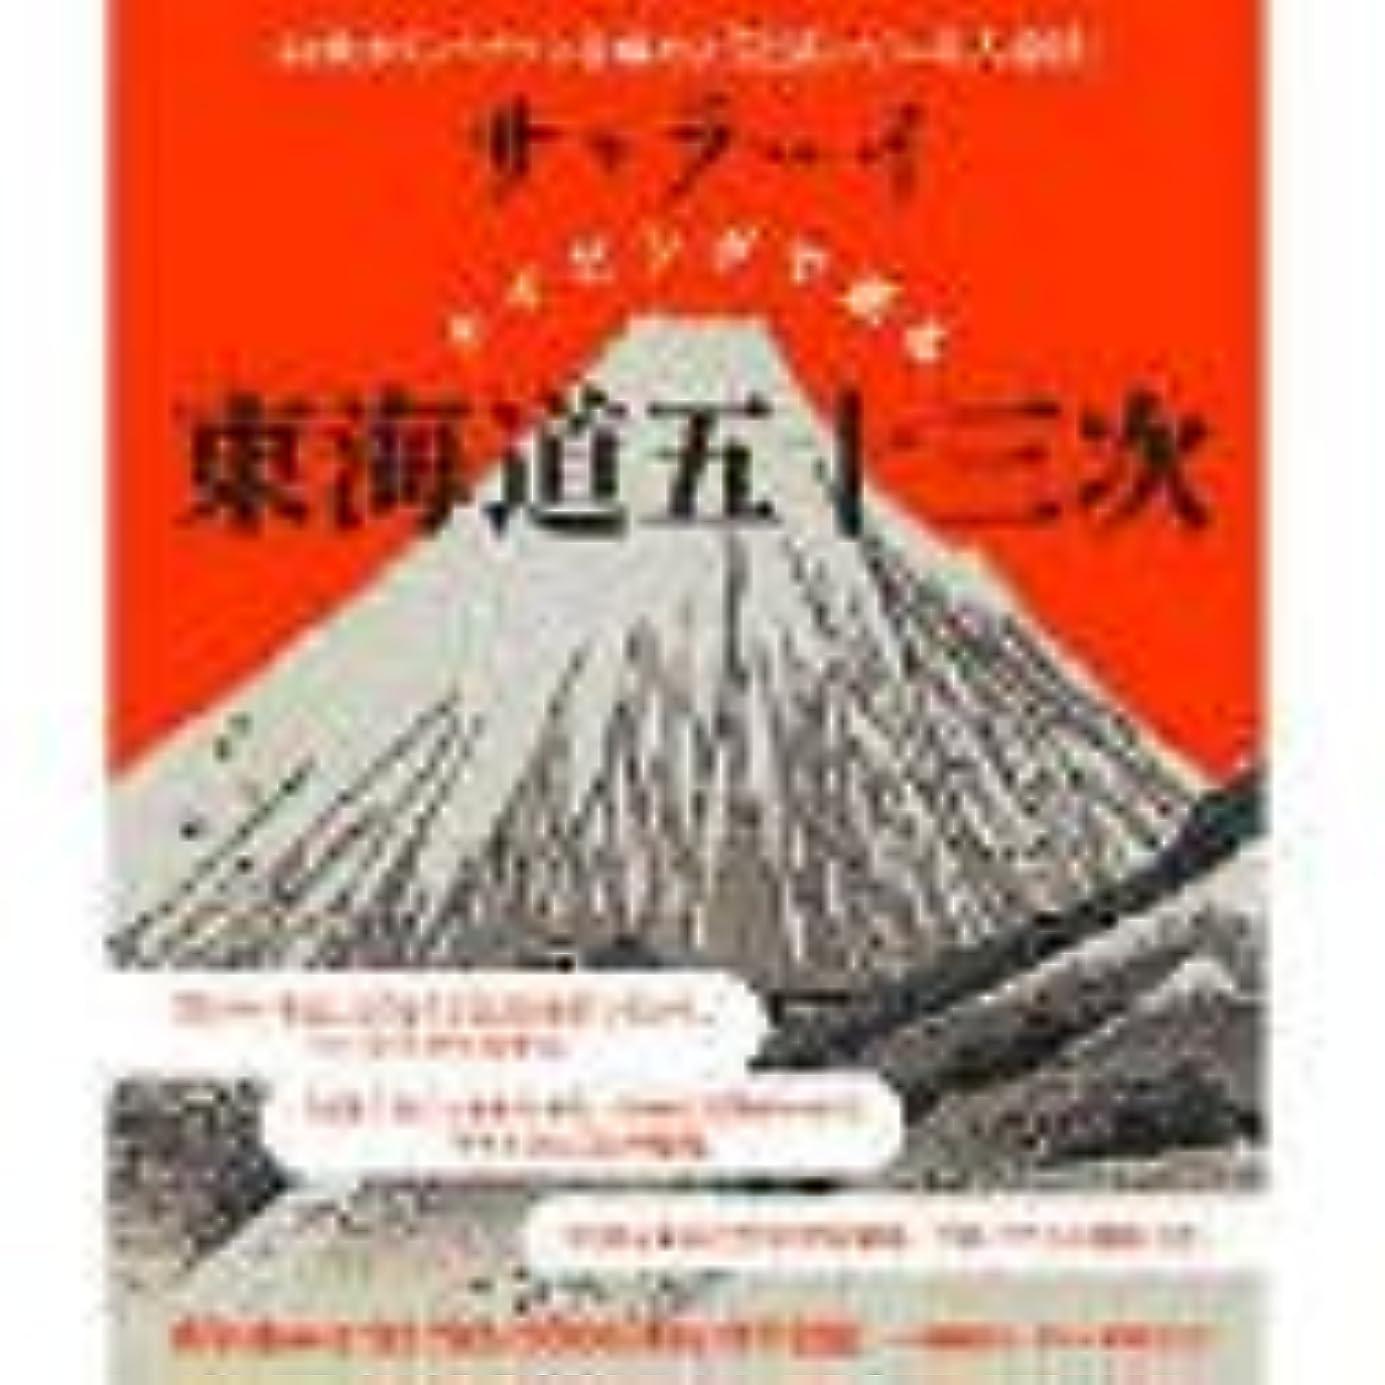 王女インフレーション損傷サライ タイピングで巡る 東海道五十三次